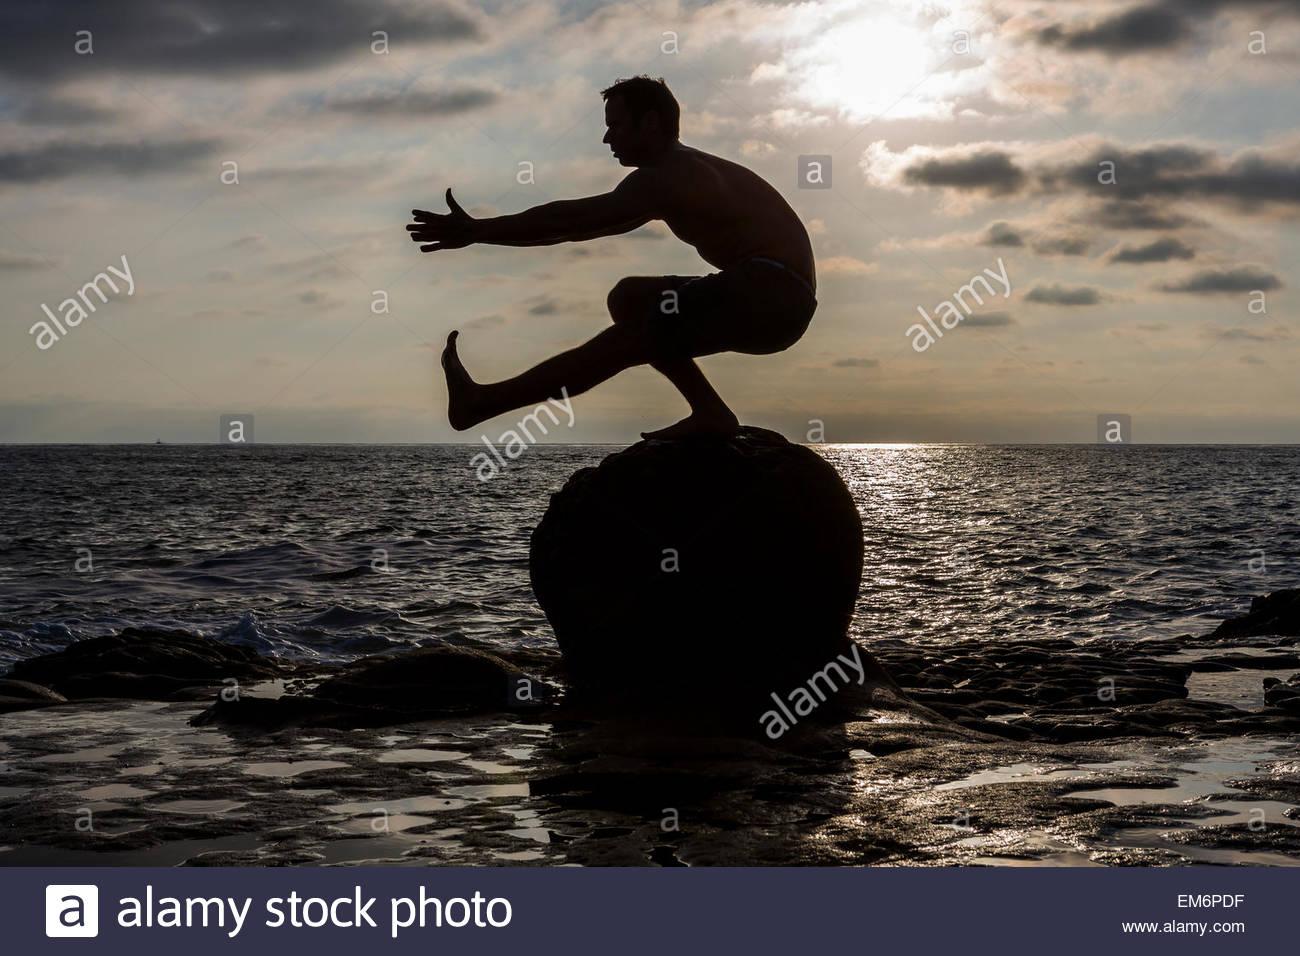 La silhouette d'un homme torse nu comme athlète CrossFit il effectue un pistolet ou squat à une jambe Photo Stock